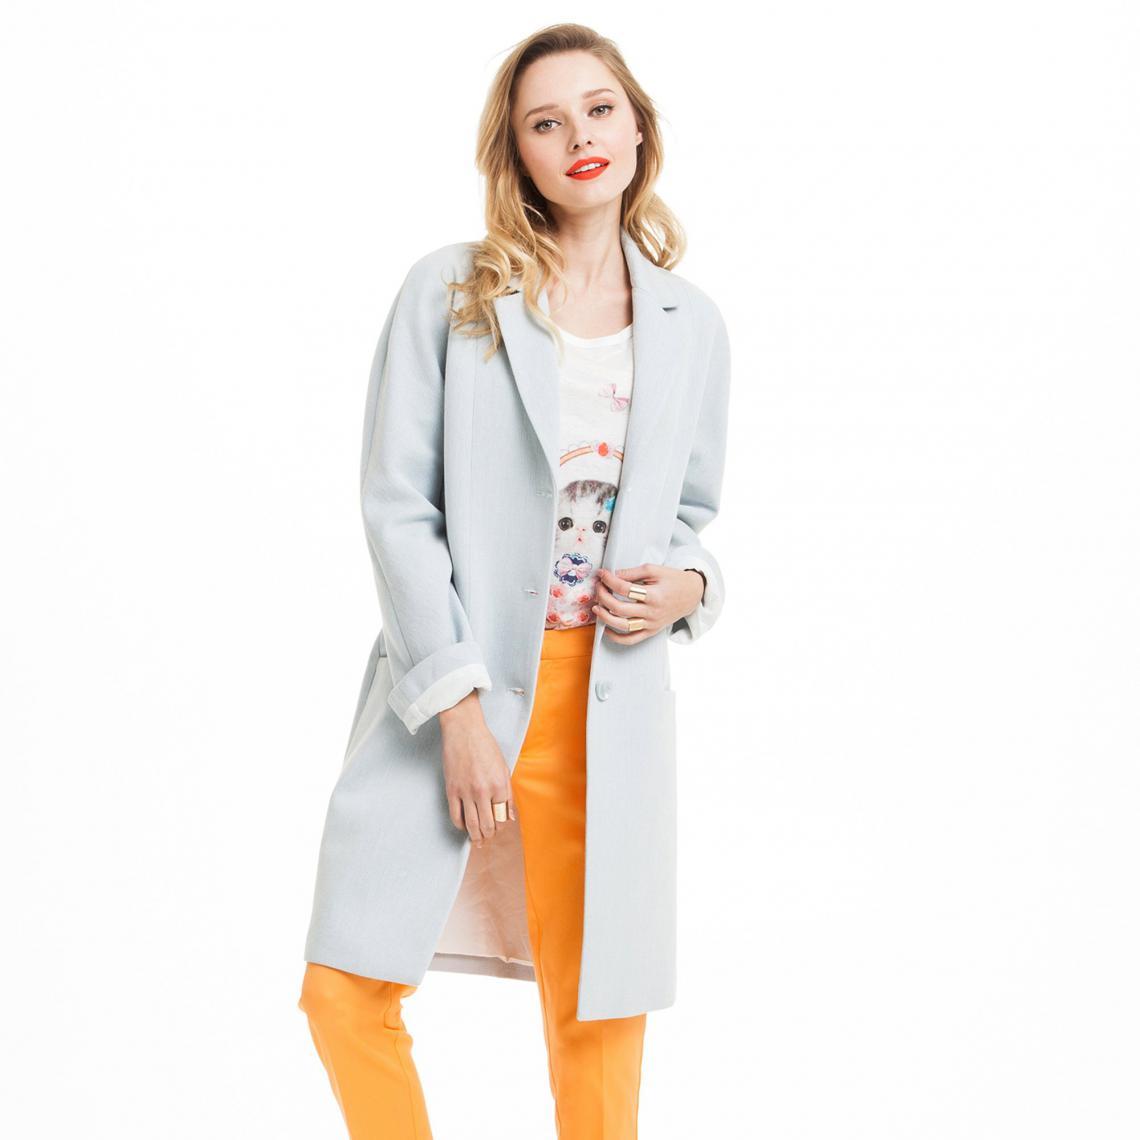 1ec675fe1e234 Manteau long boutonné demi-saison femme - Bleu Ciel 3 Suisses Collection  Femme Cliquez l image pour ...